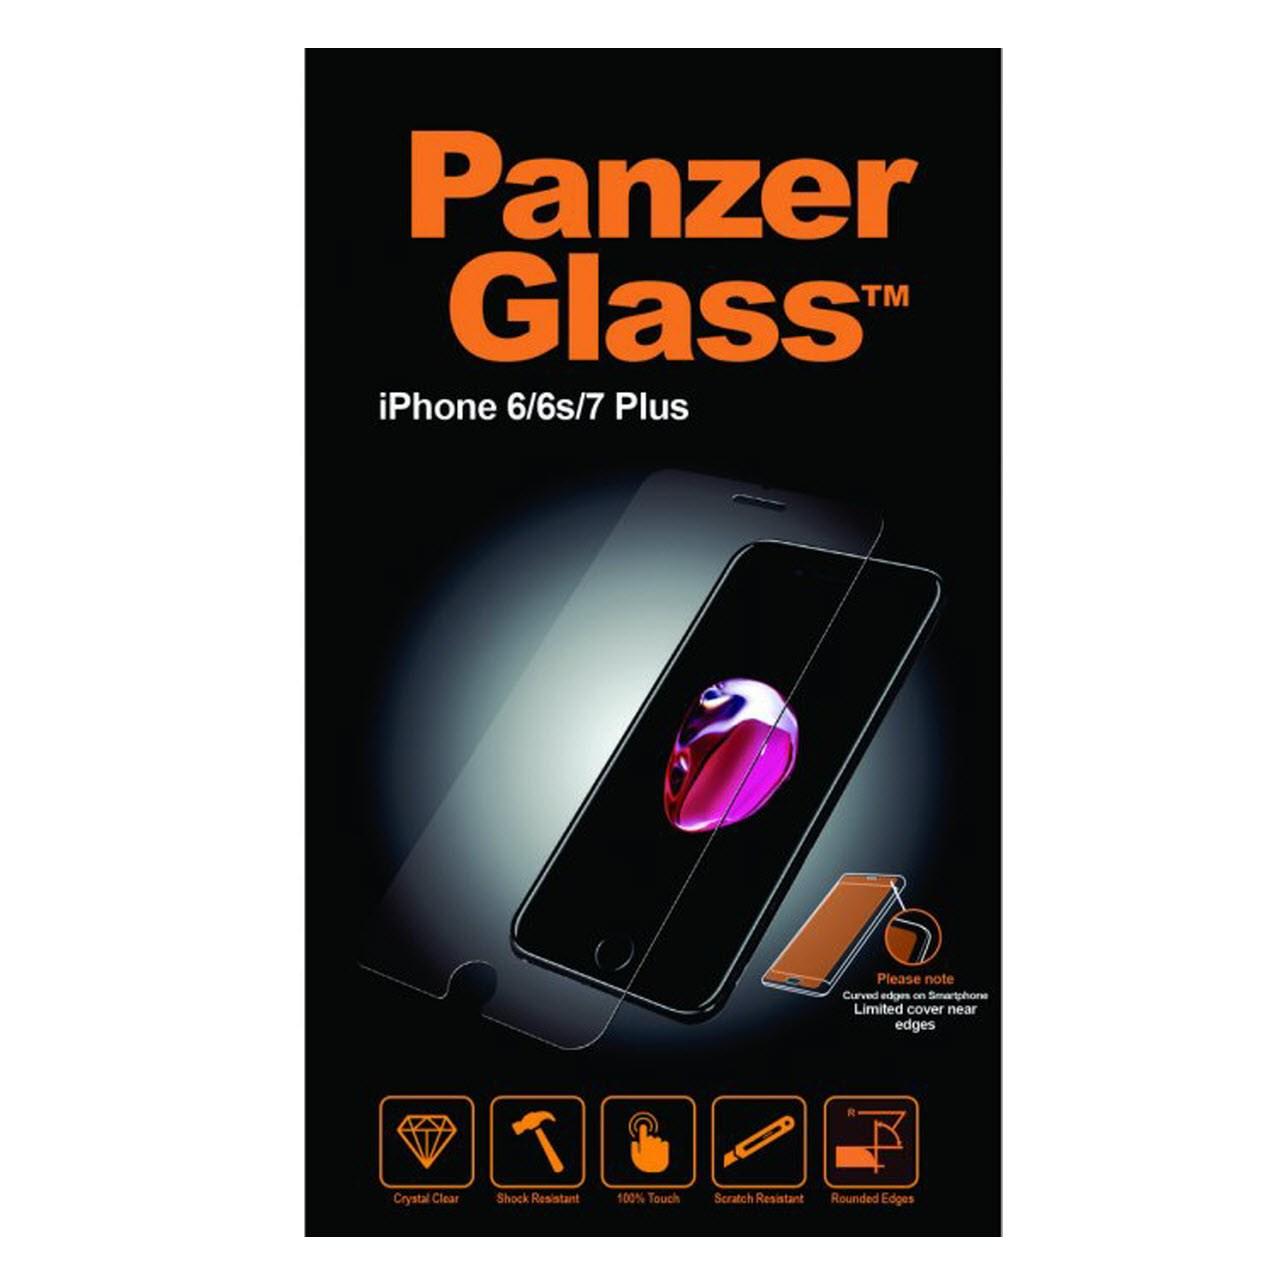 محافظ صفحه نمایش پنزر گلس مناسب Iphone 6/6S/7 PLUS